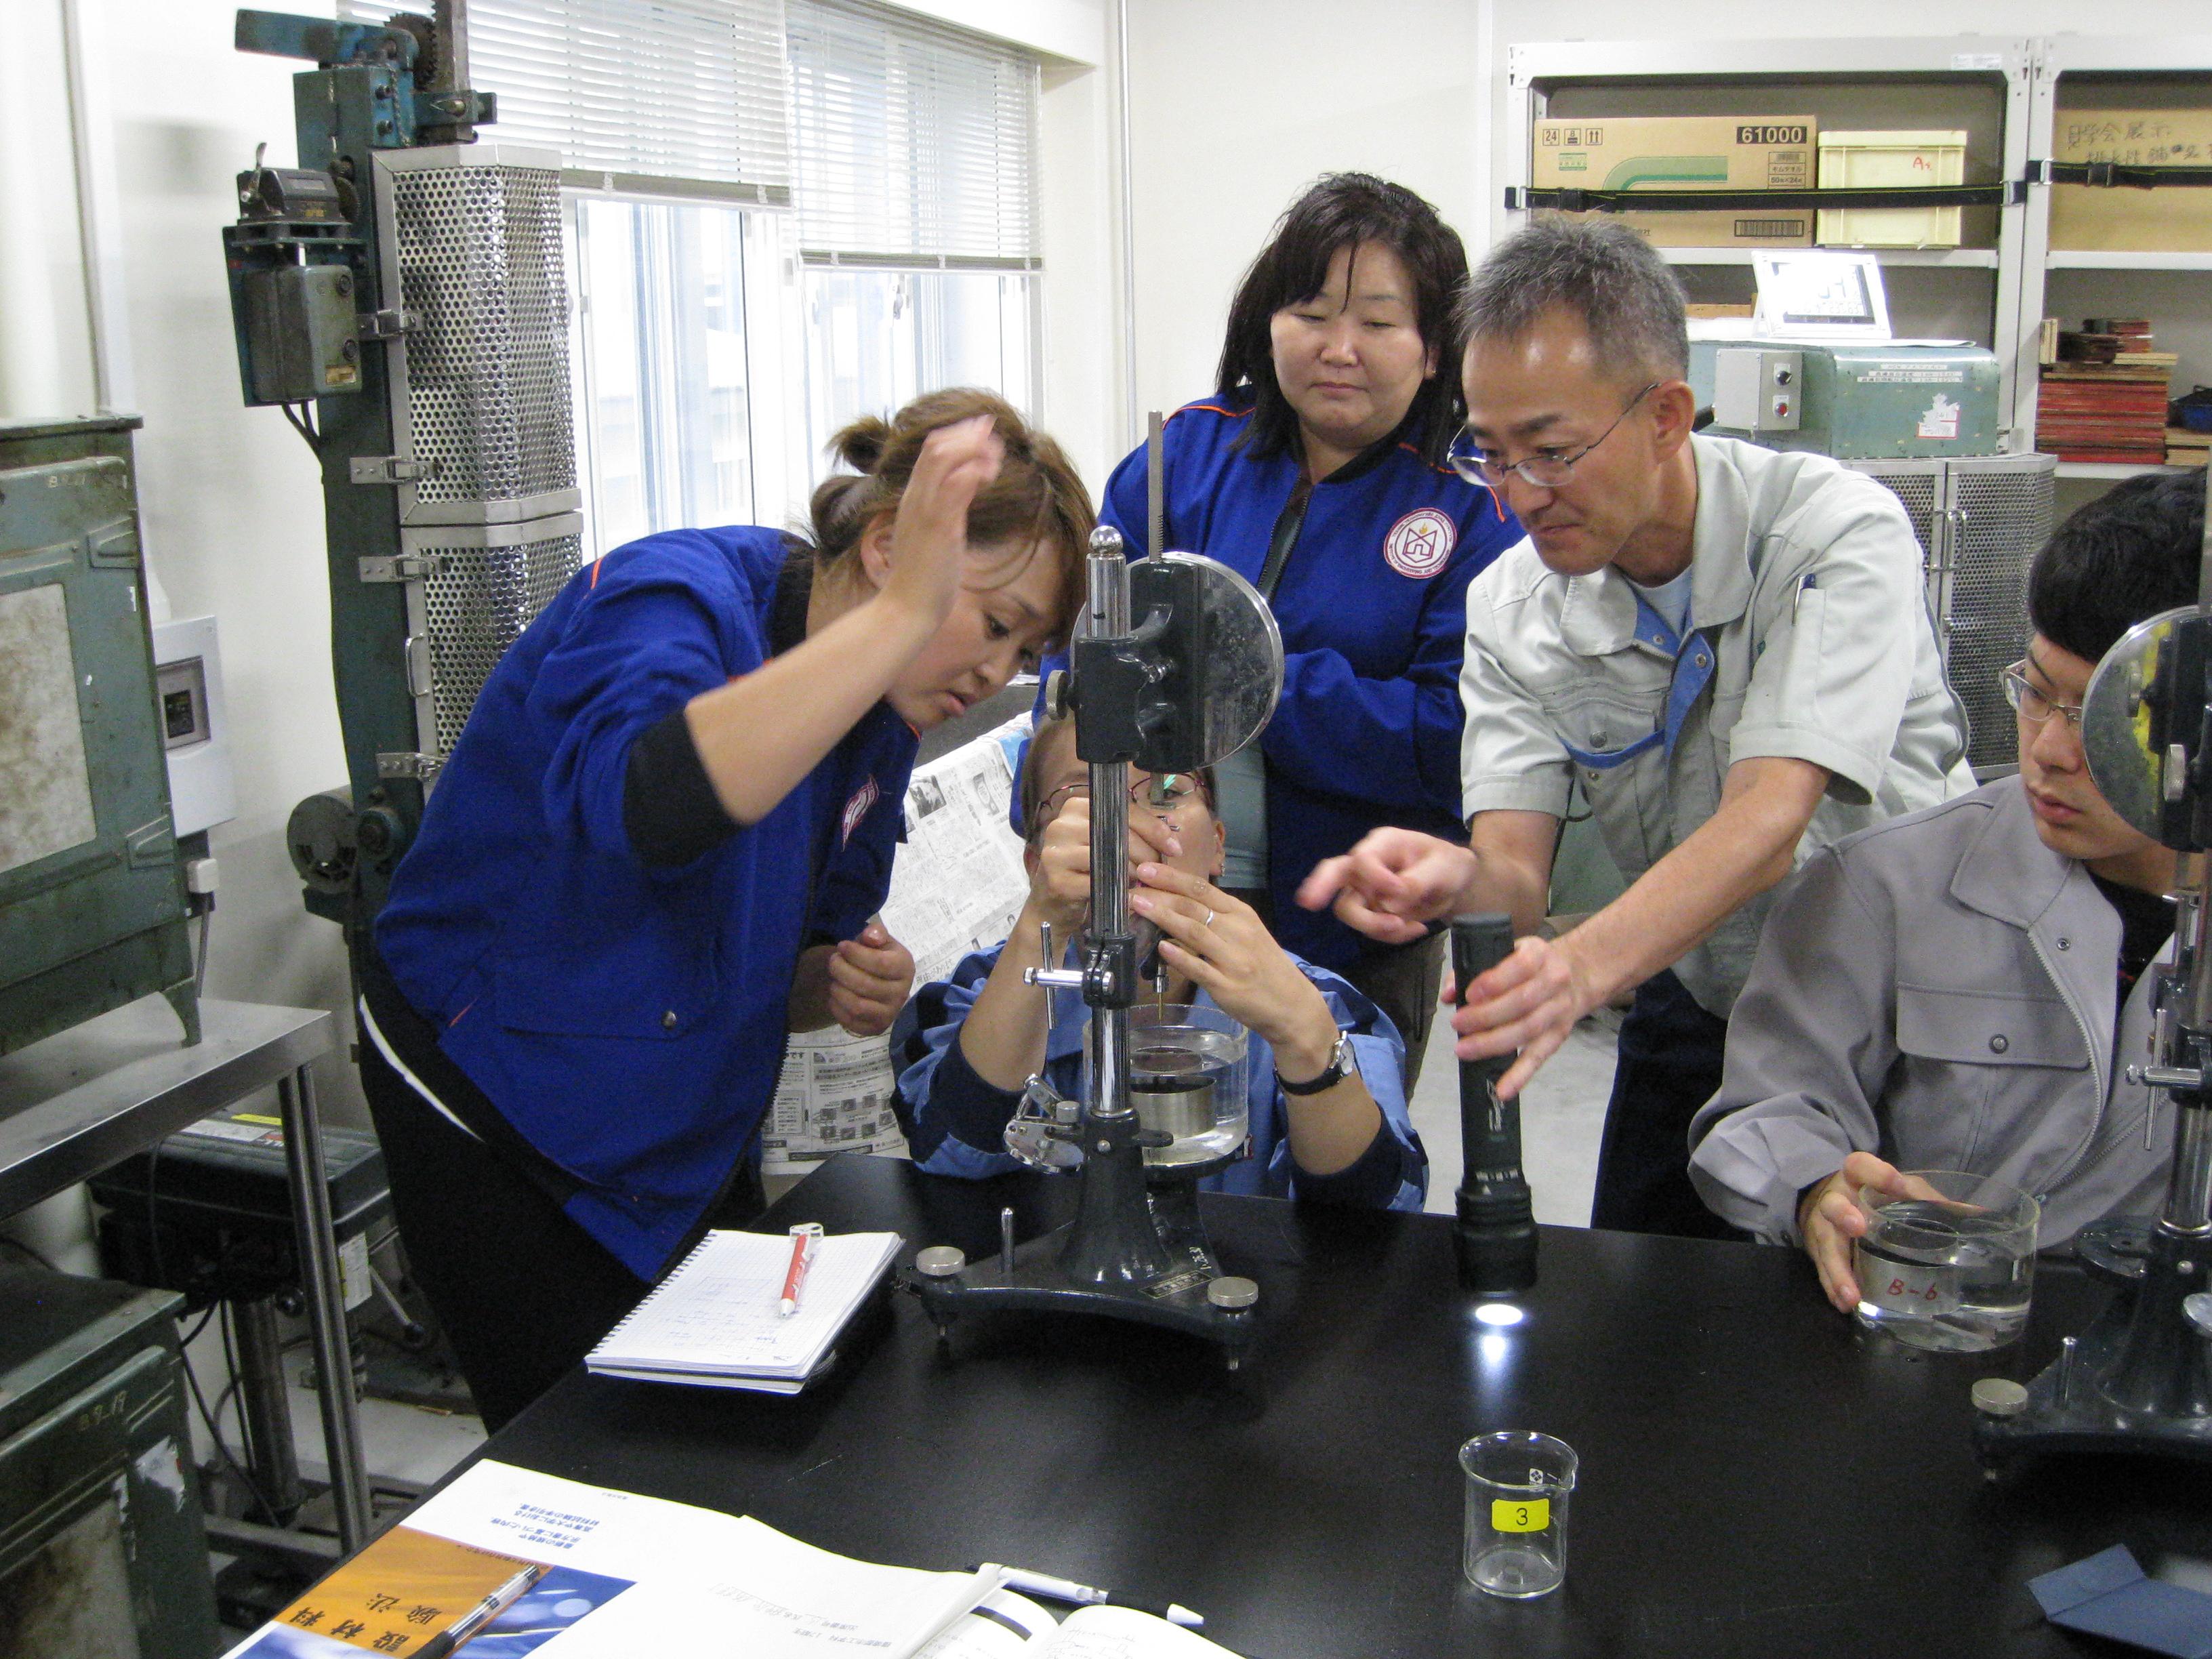 モンゴル人教職員訪日研修を実施しました「モンゴルへの日本式高専教育導入」 新着情報 笹川汎アジア基金 The